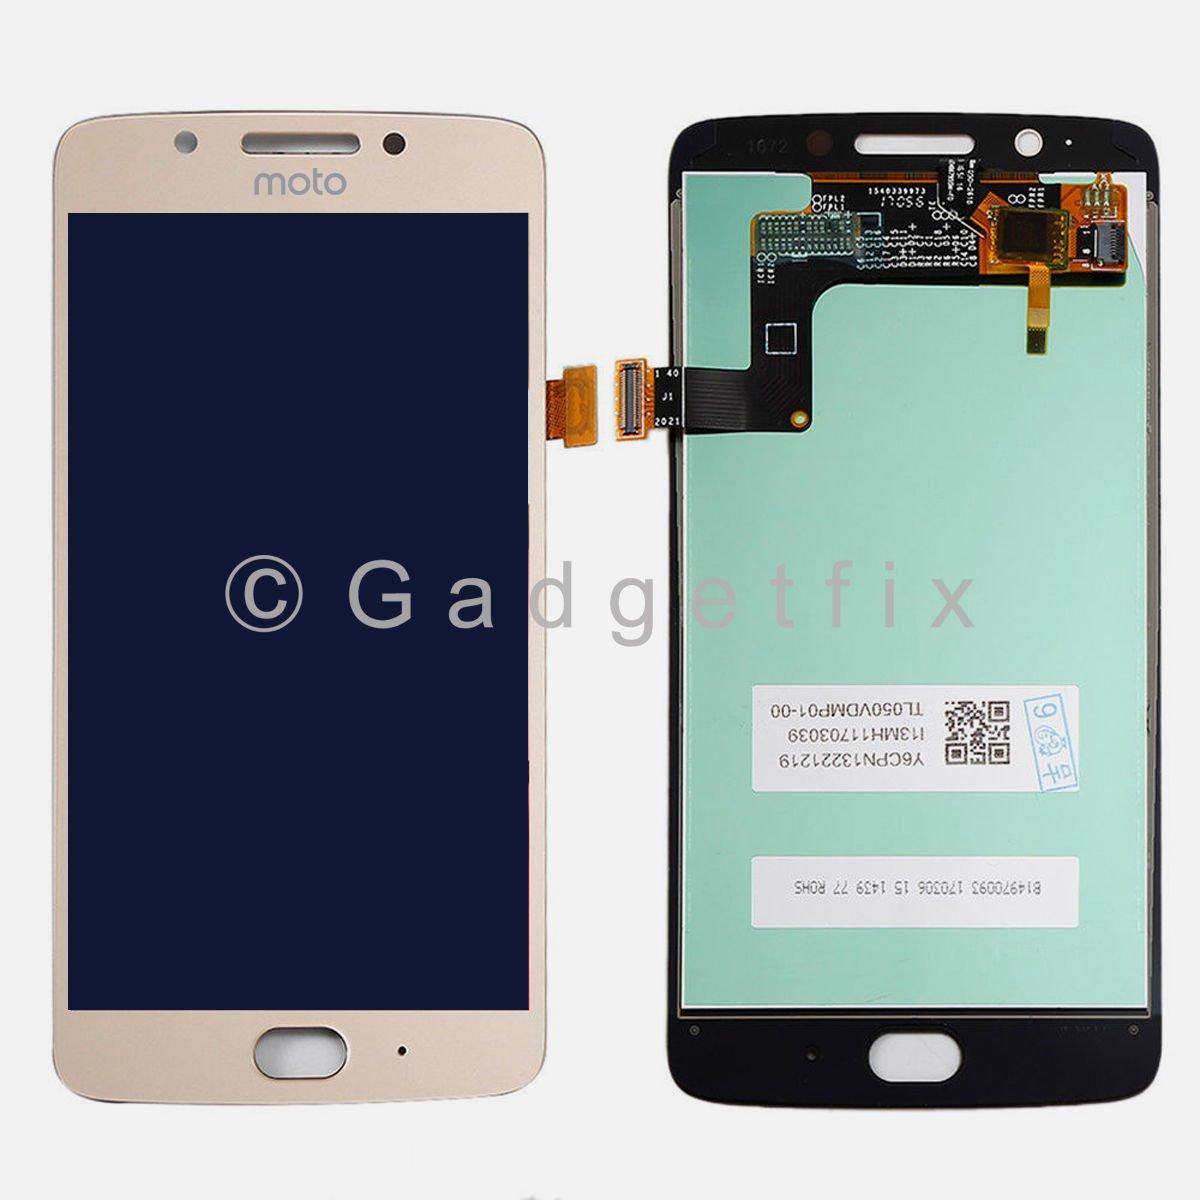 Gold Motorola Moto G5 XT1670 XT1671 XT1677 LCD Display Touch Screen Digitizer